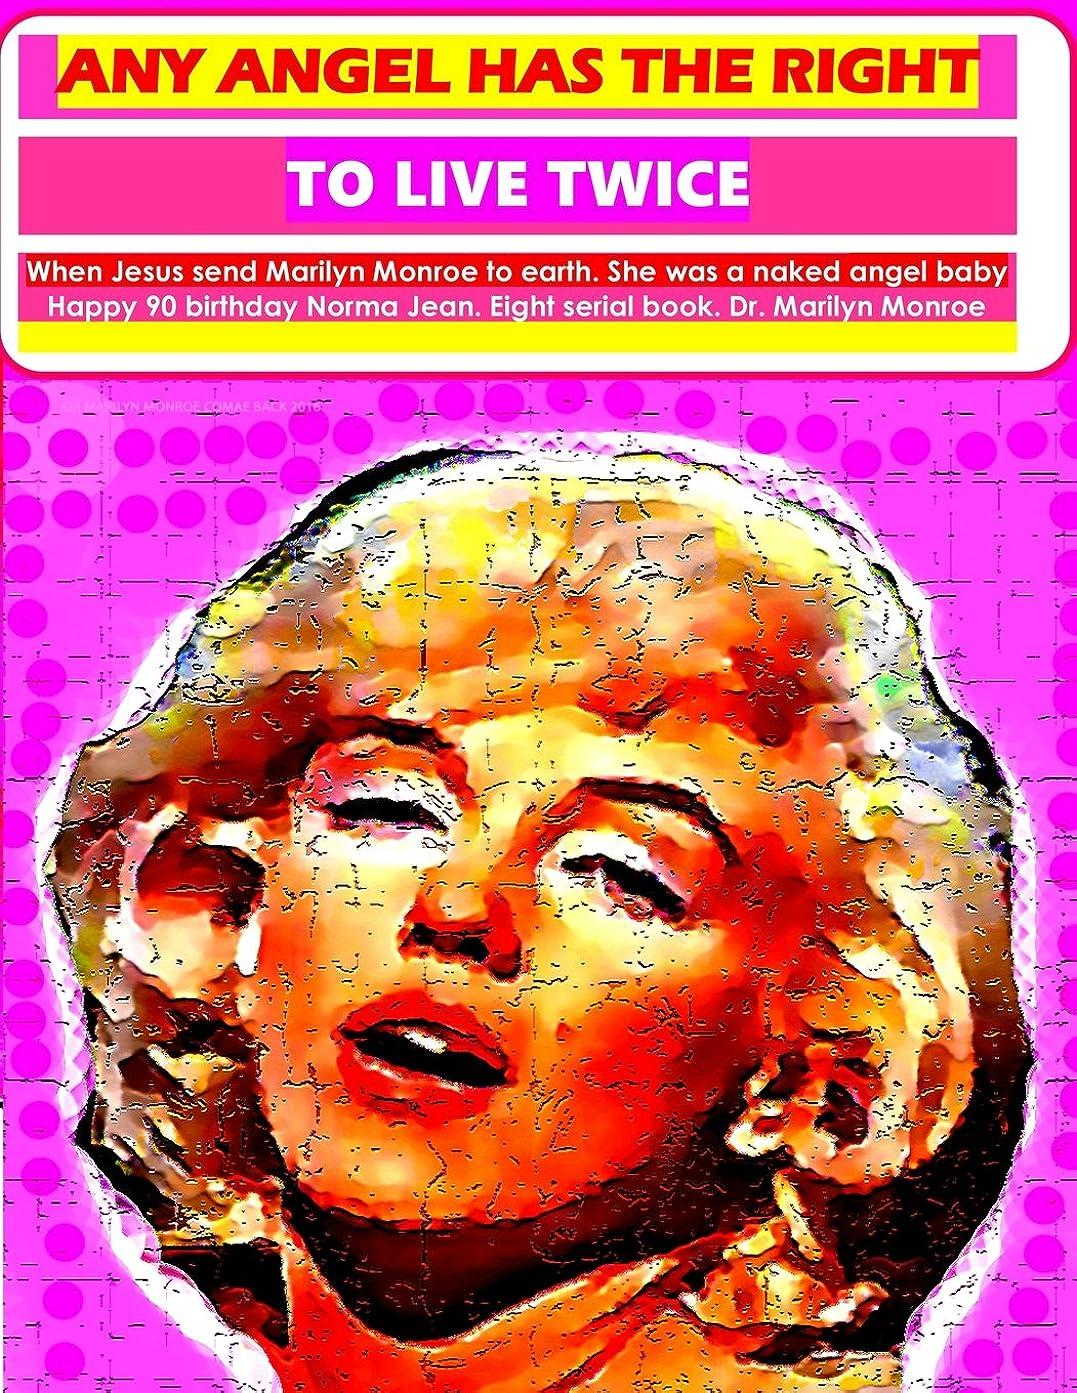 レーザ成り立つ抗議Any angel has the right to live twice: When Jesus send Marilyn Monroe to earth, She was an angel naked baby. Happy 90 birthday Norma Jean. Eight serial book. Dr. Marilyn Monroe